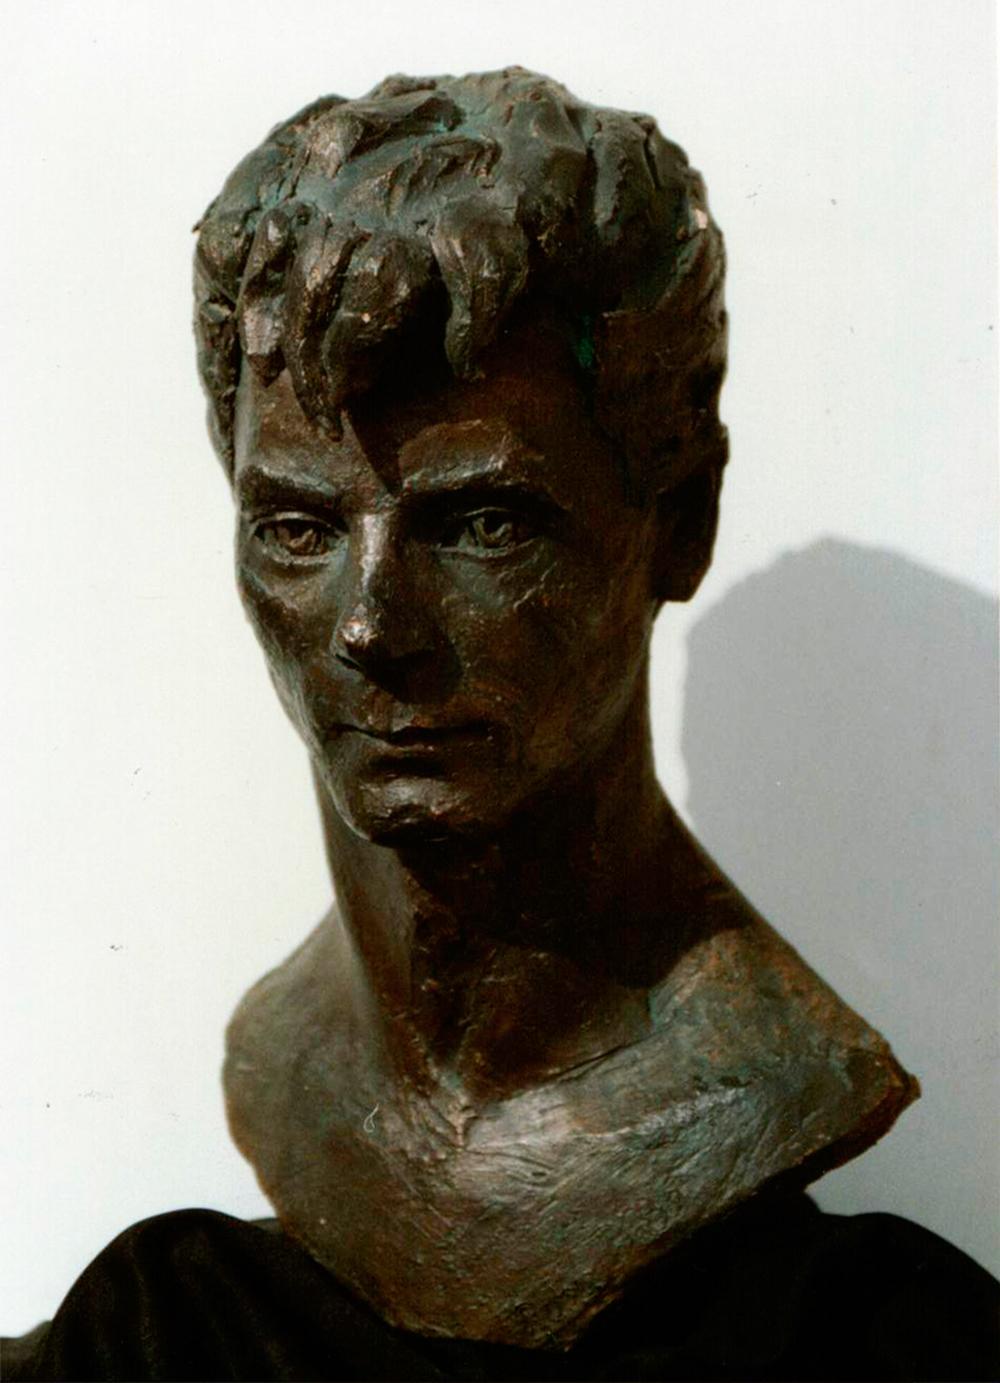 Escultura-Retrato-de-Jose-Figurativo-Abstracto-RD.Escultor